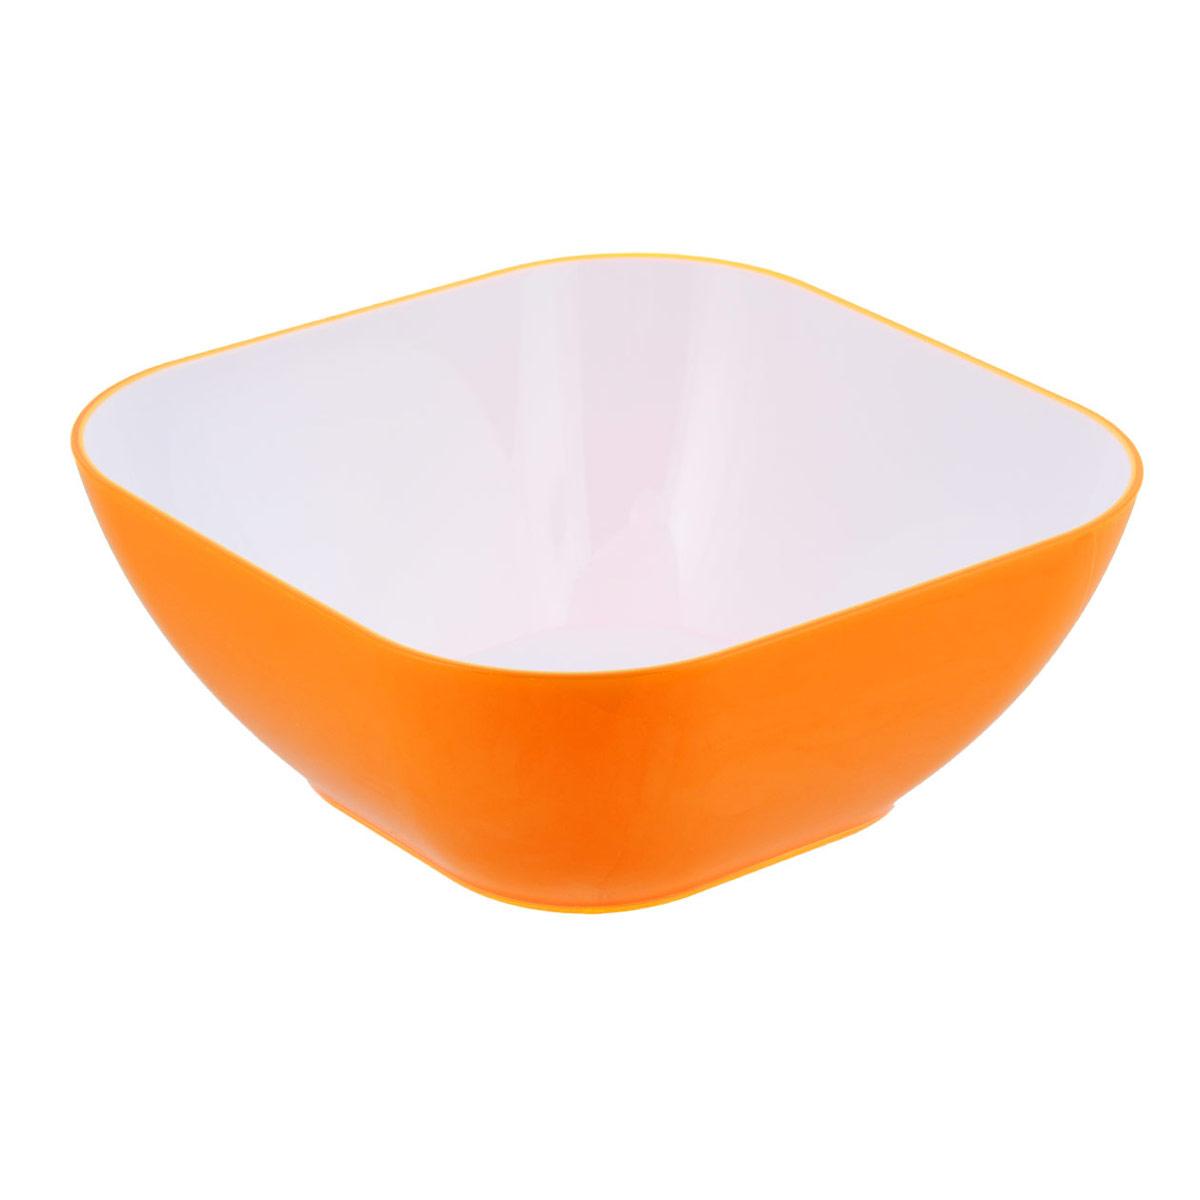 Пиала Bradex, цвет: оранжевый, 1,2 лTK 0133Пиала Bradex выполнена из цветного пищевого пластика, устойчивого к действию уксуса, спирта и масел. Пиала прочная и стойкая к царапинам. Благодаря высококачественным материалам она не впитывает запахи и не изменяет вкусовые качества пищи. Идеально подходит как для домашнего использования, так и для пикников. Яркий салатник создаст веселое летнее настроение за вашим столом, будь то домашний обед или завтрак на природе. Пиала настолько легка в уходе, что не отнимет у вас ни секунды лишнего времени, отведенного на послеобеденный отдых. Стильный и функциональный дизайн, легко моется. Объем: 1,2 л.